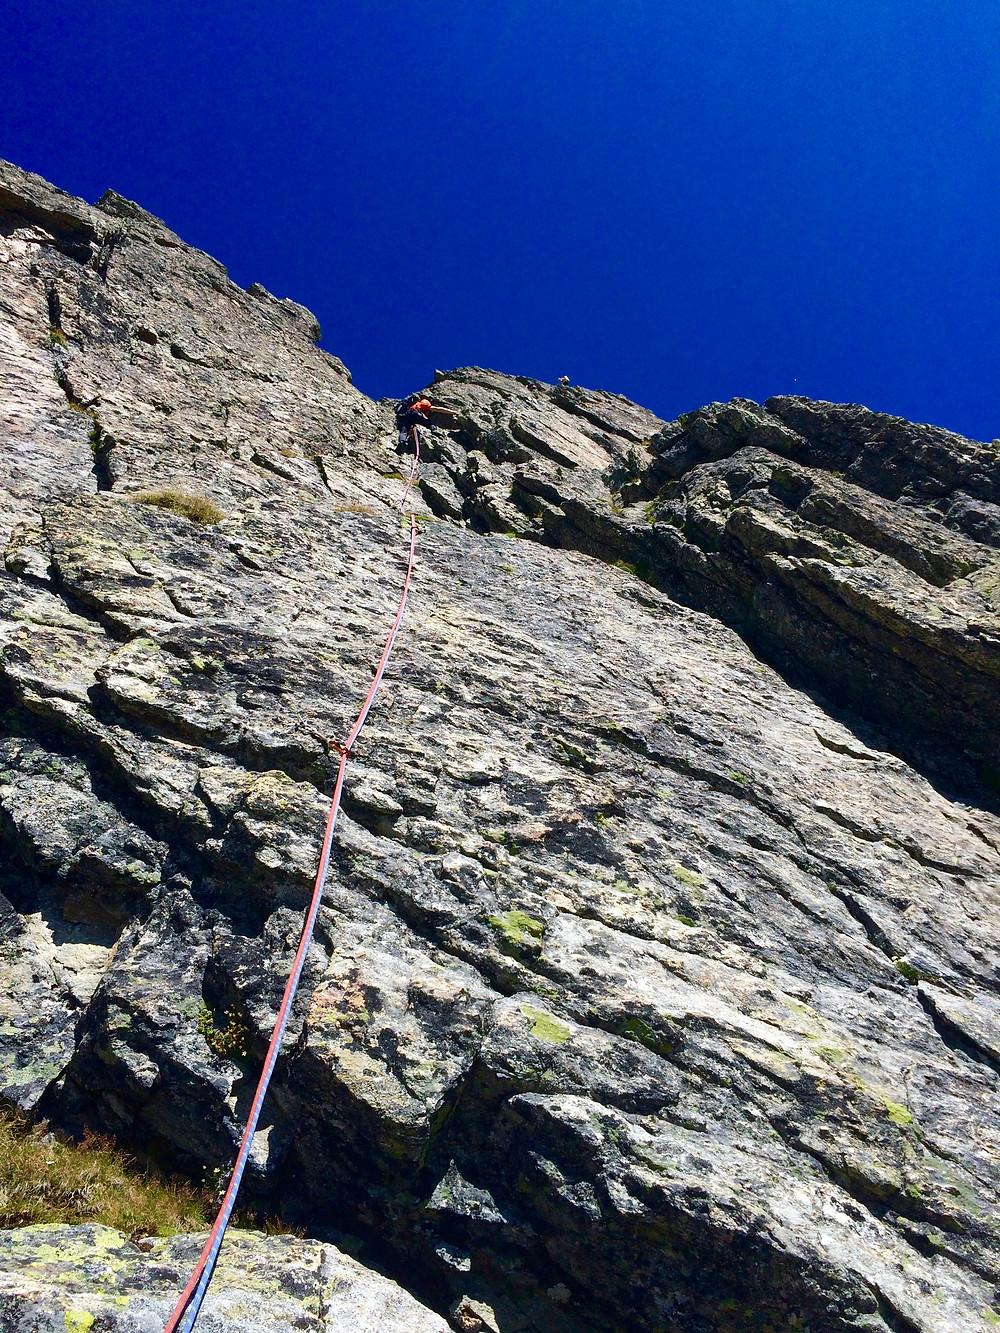 Headwall der Klettertour Bohrgeist